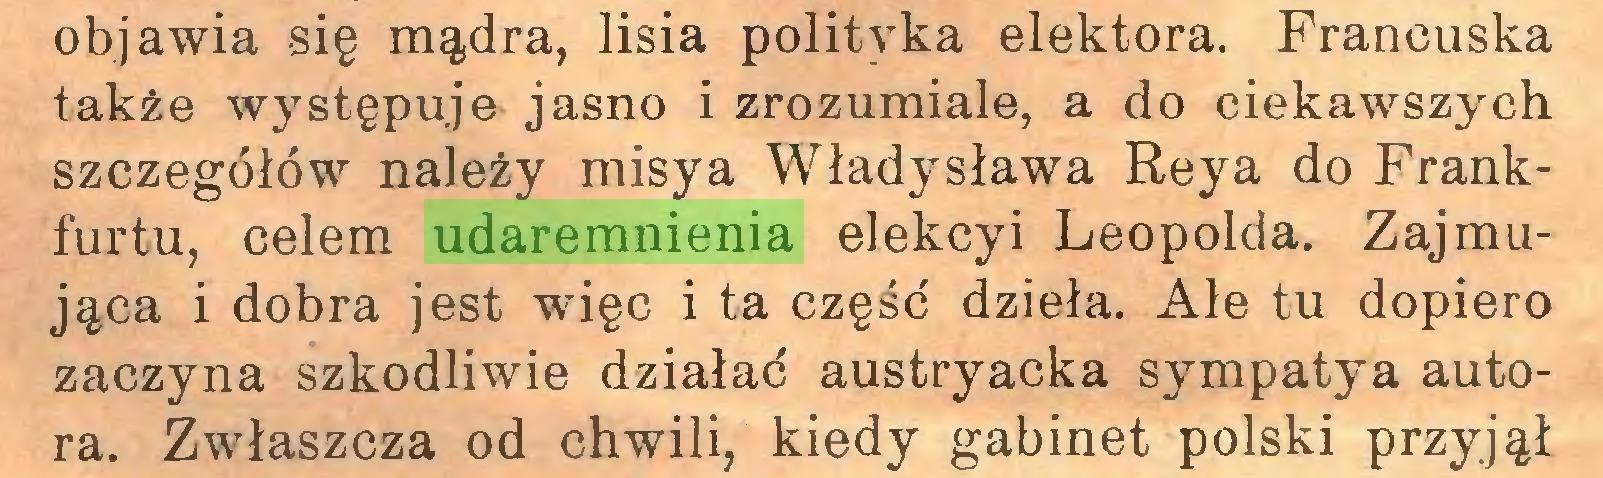 (...) objawia -się mądra, lisia polityka elektora. Francuska także występuje jasno i zrozumiale, a do ciekawszych szczegółów należy misy a Władysława Reya do Frankfurtu, celem udaremnienia elekcyi Leopolda. Zajmująca i dobra jest więc i ta część dzieła. Ale tu dopiero zaczyna szkodliwie działać austryacka sympatya autora. Zwłaszcza od chwili, kiedy gabinet polski przyjął...